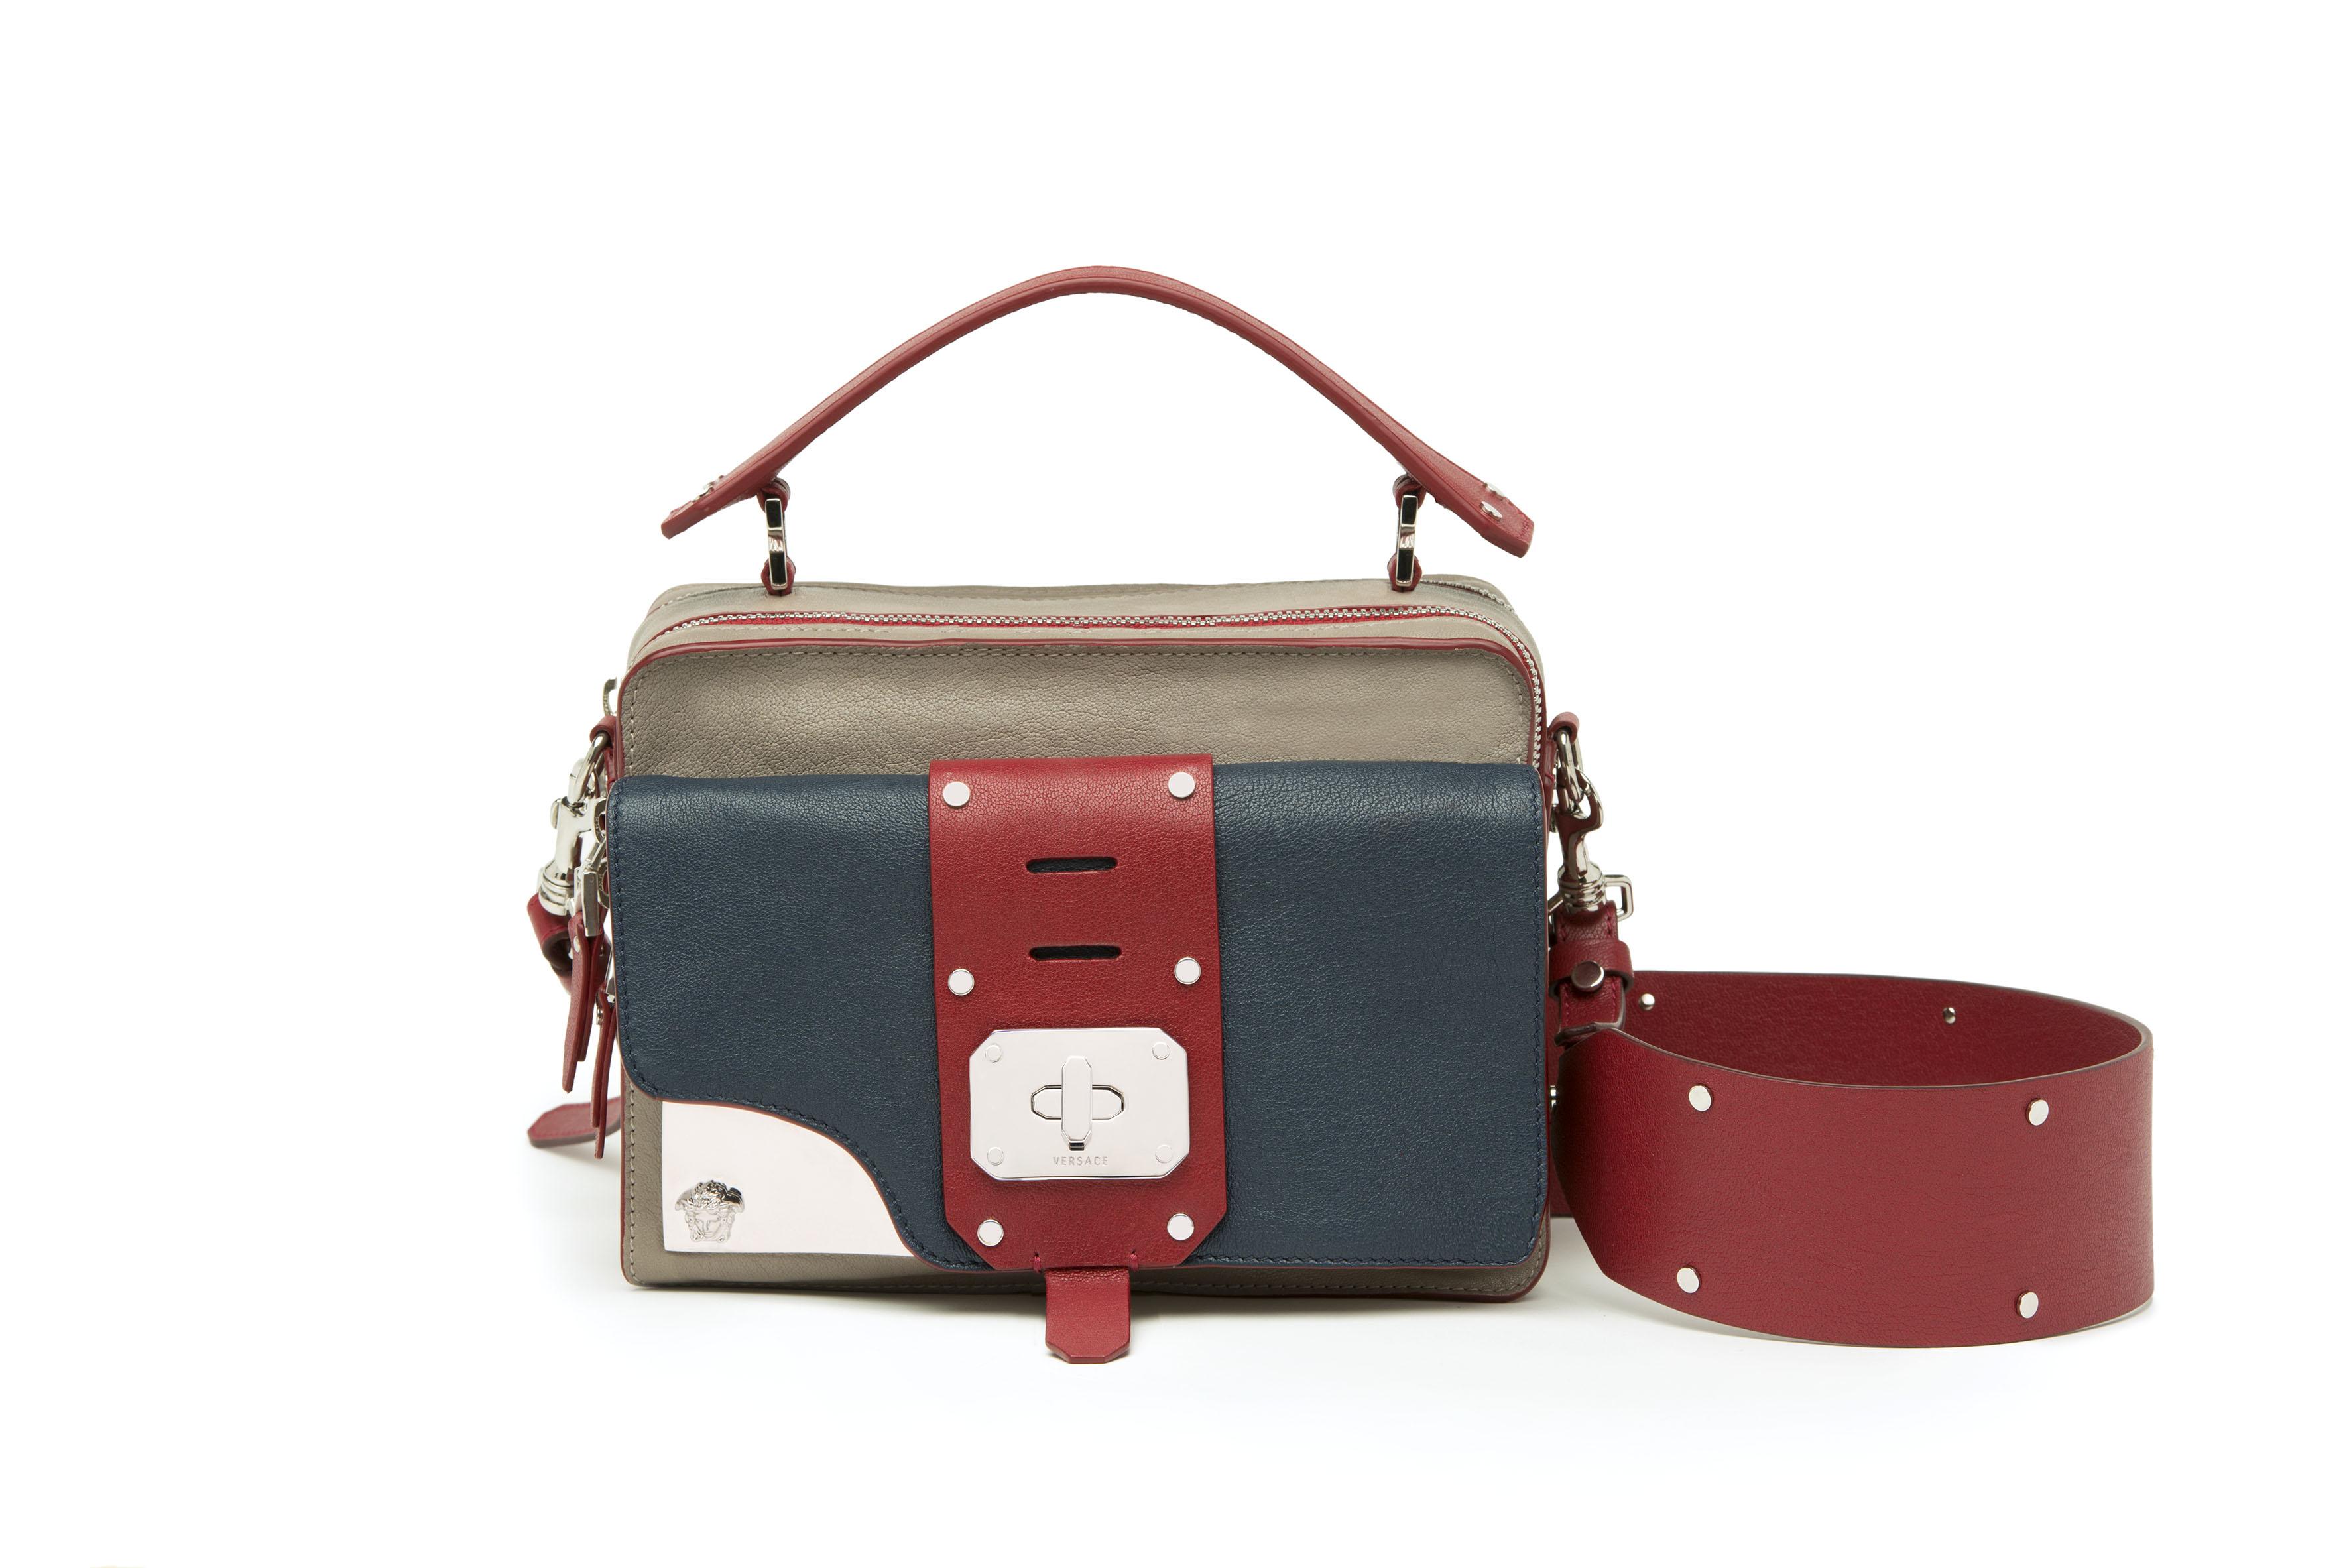 ... Small Signature Bag Yellow 85266  online retailer 065cb 115fe Versace  Stardvst - Pamper. 048812d52d556